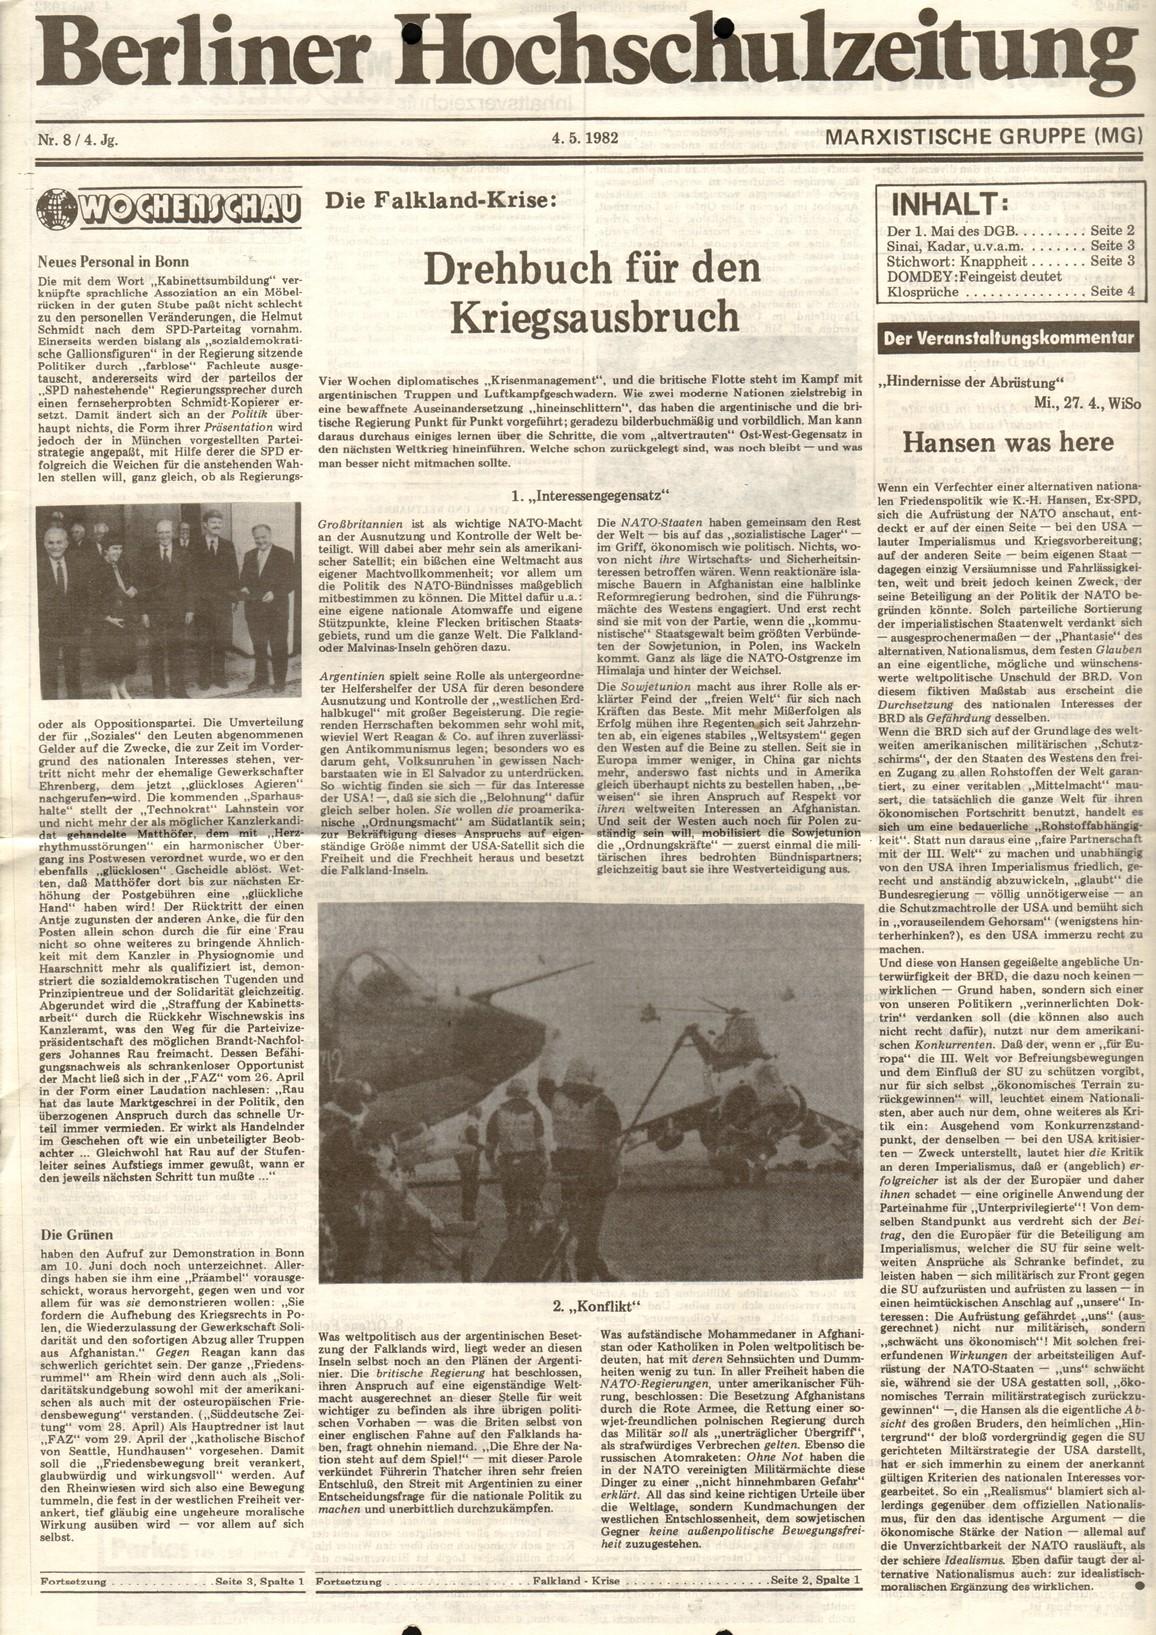 Berlin_MG_Hochschulzeitung_19820504_01